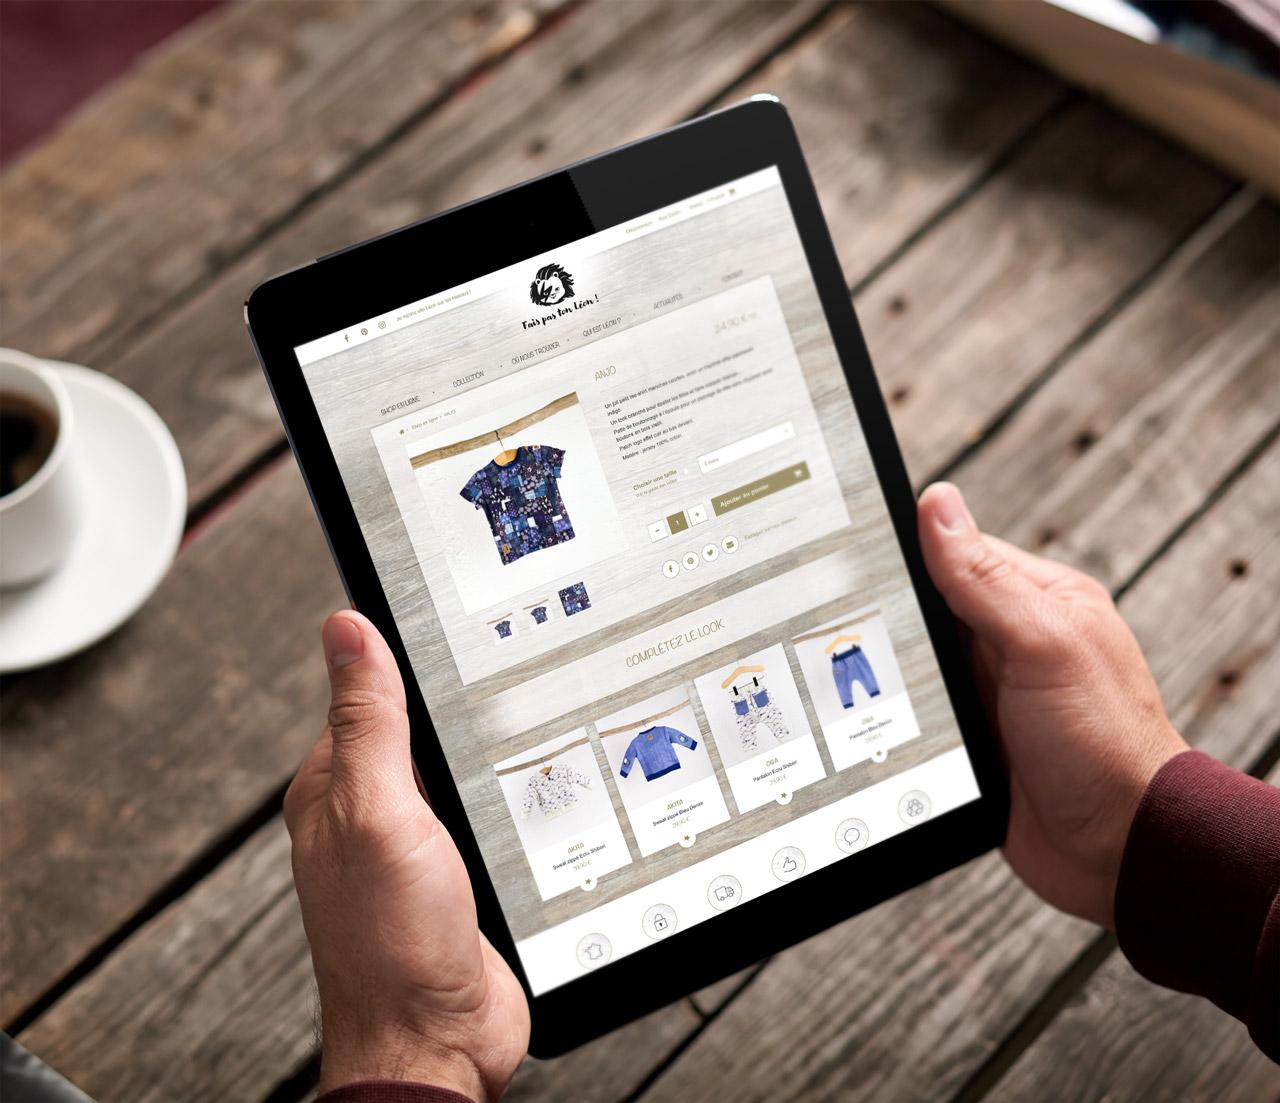 faispastonleon-creation-site-e-commerce-tablette-mobile-friendly-caconcept-alexis-cretin-graphiste-montpellier